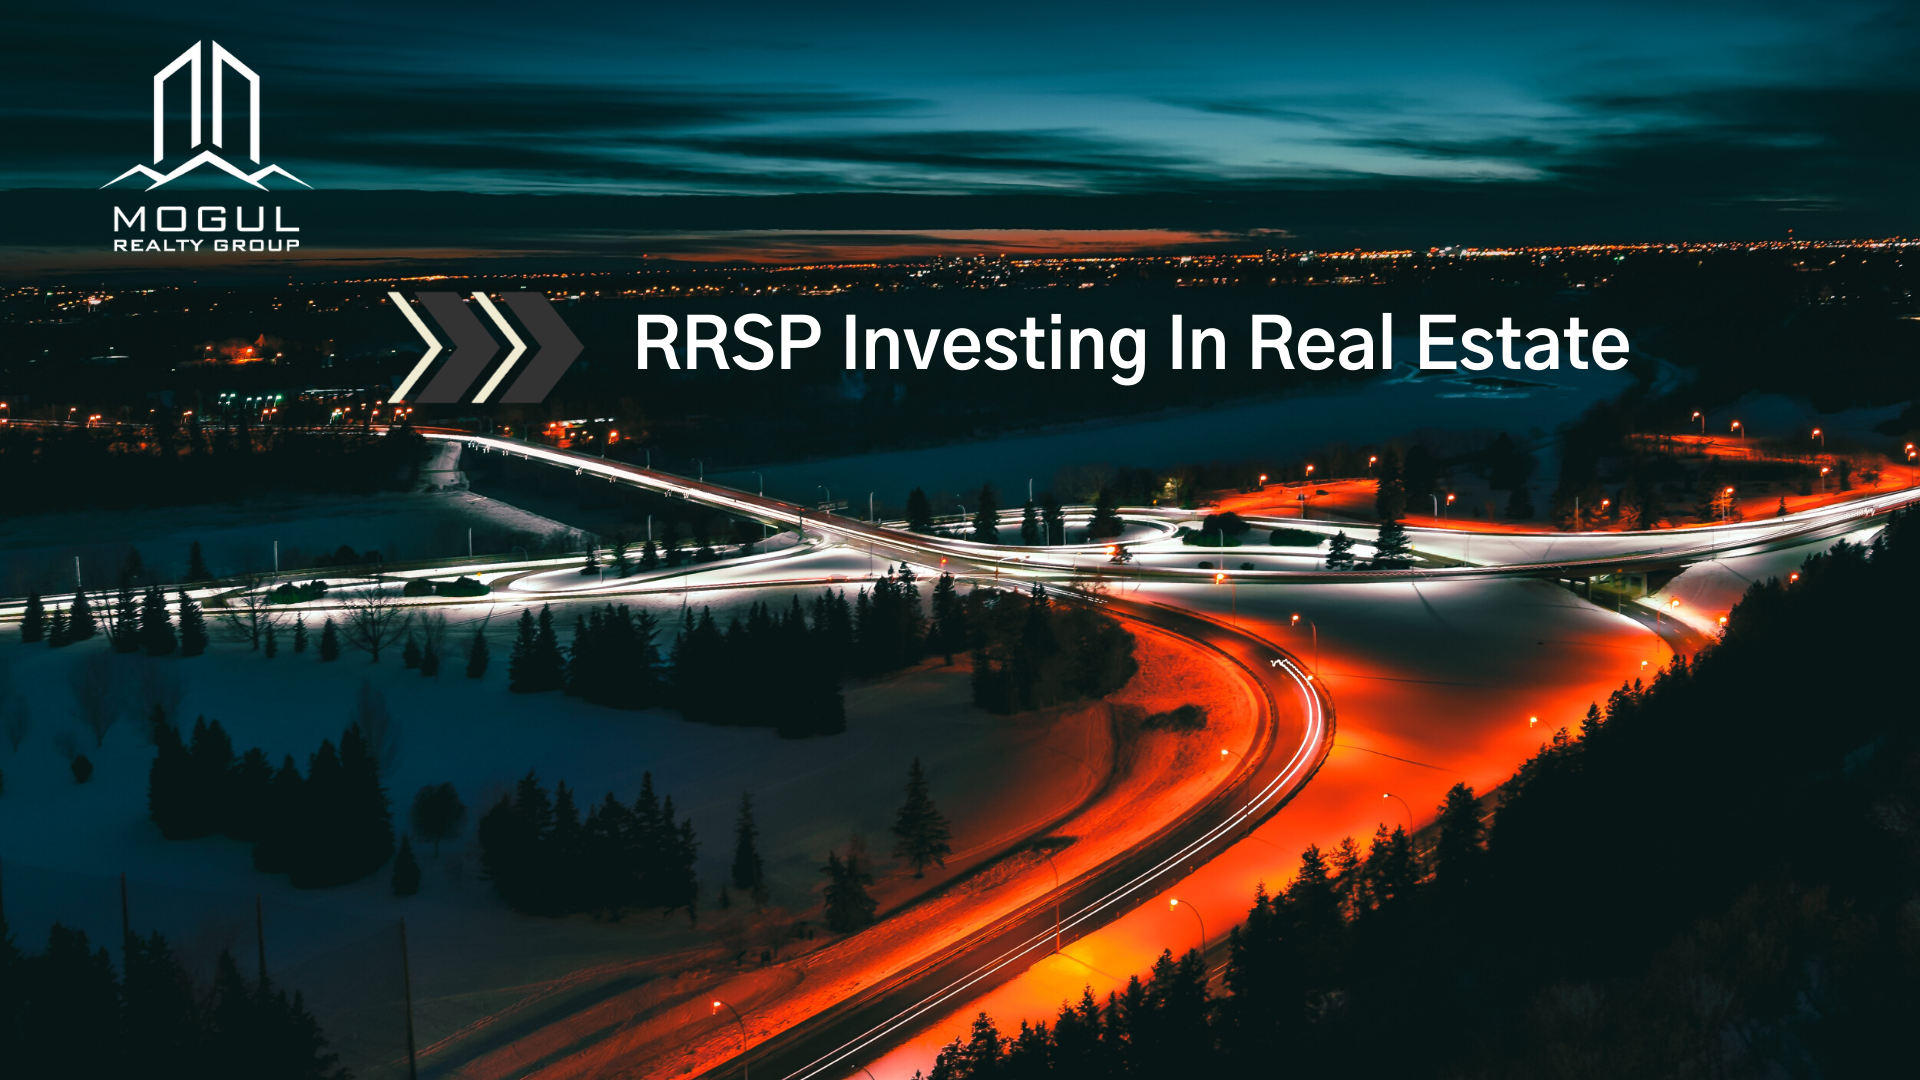 Mogul Mastermind - February 2020 - RRSP Investing